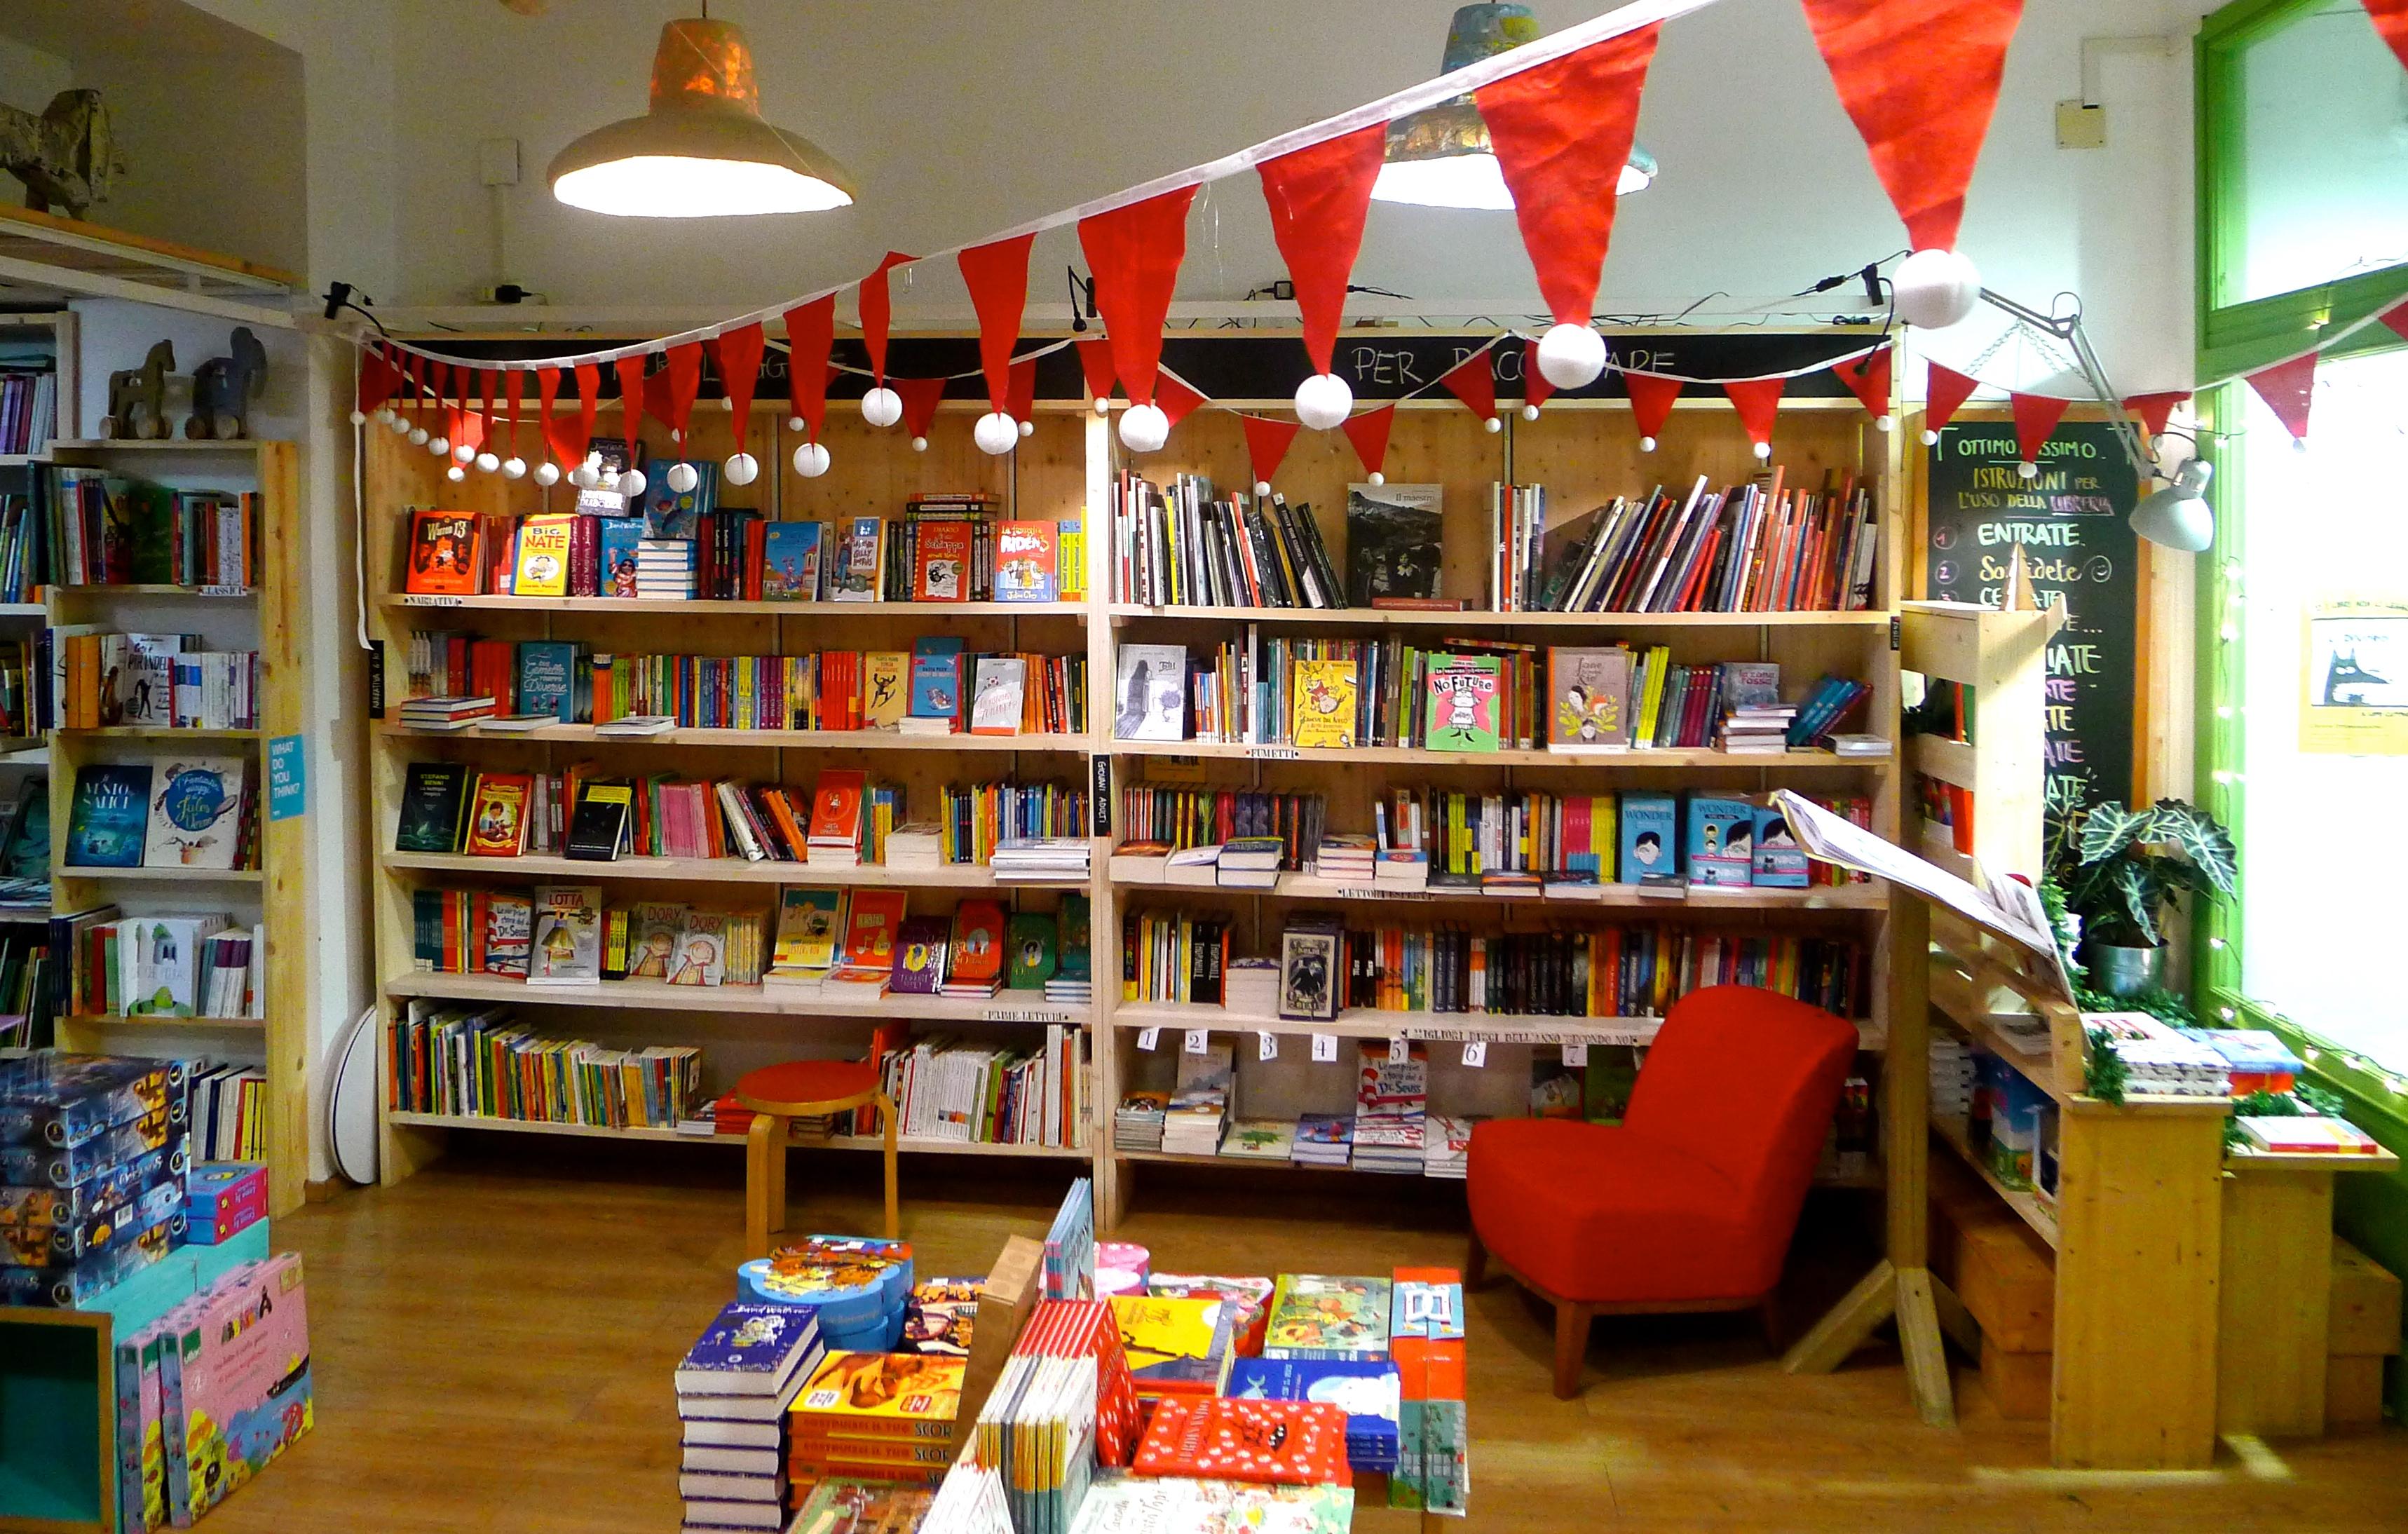 Mobile libreria per bambini per bambini oltre anno for Mobile libreria per bambini